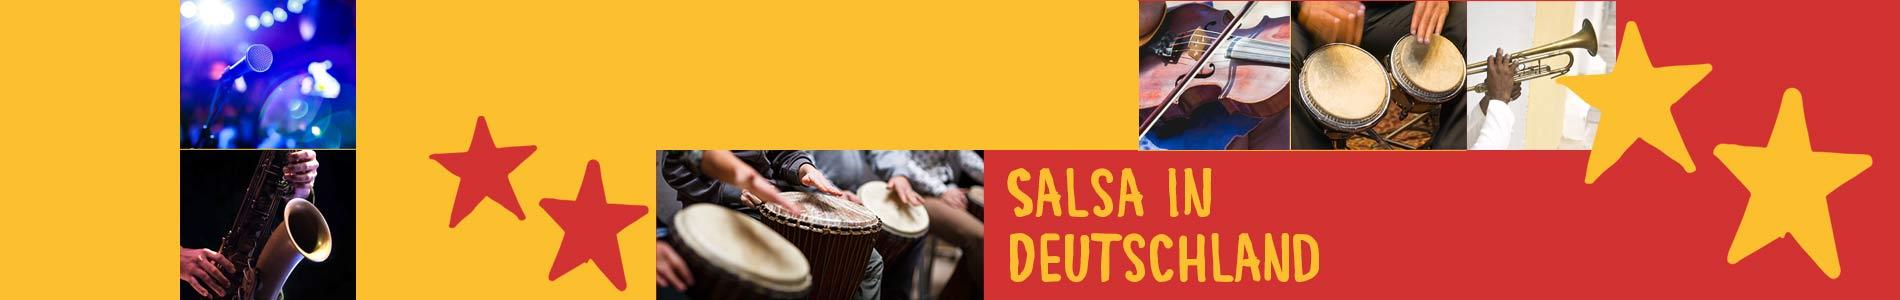 Salsa in Breitengüßbach – Salsa lernen und tanzen, Tanzkurse, Partys, Veranstaltungen